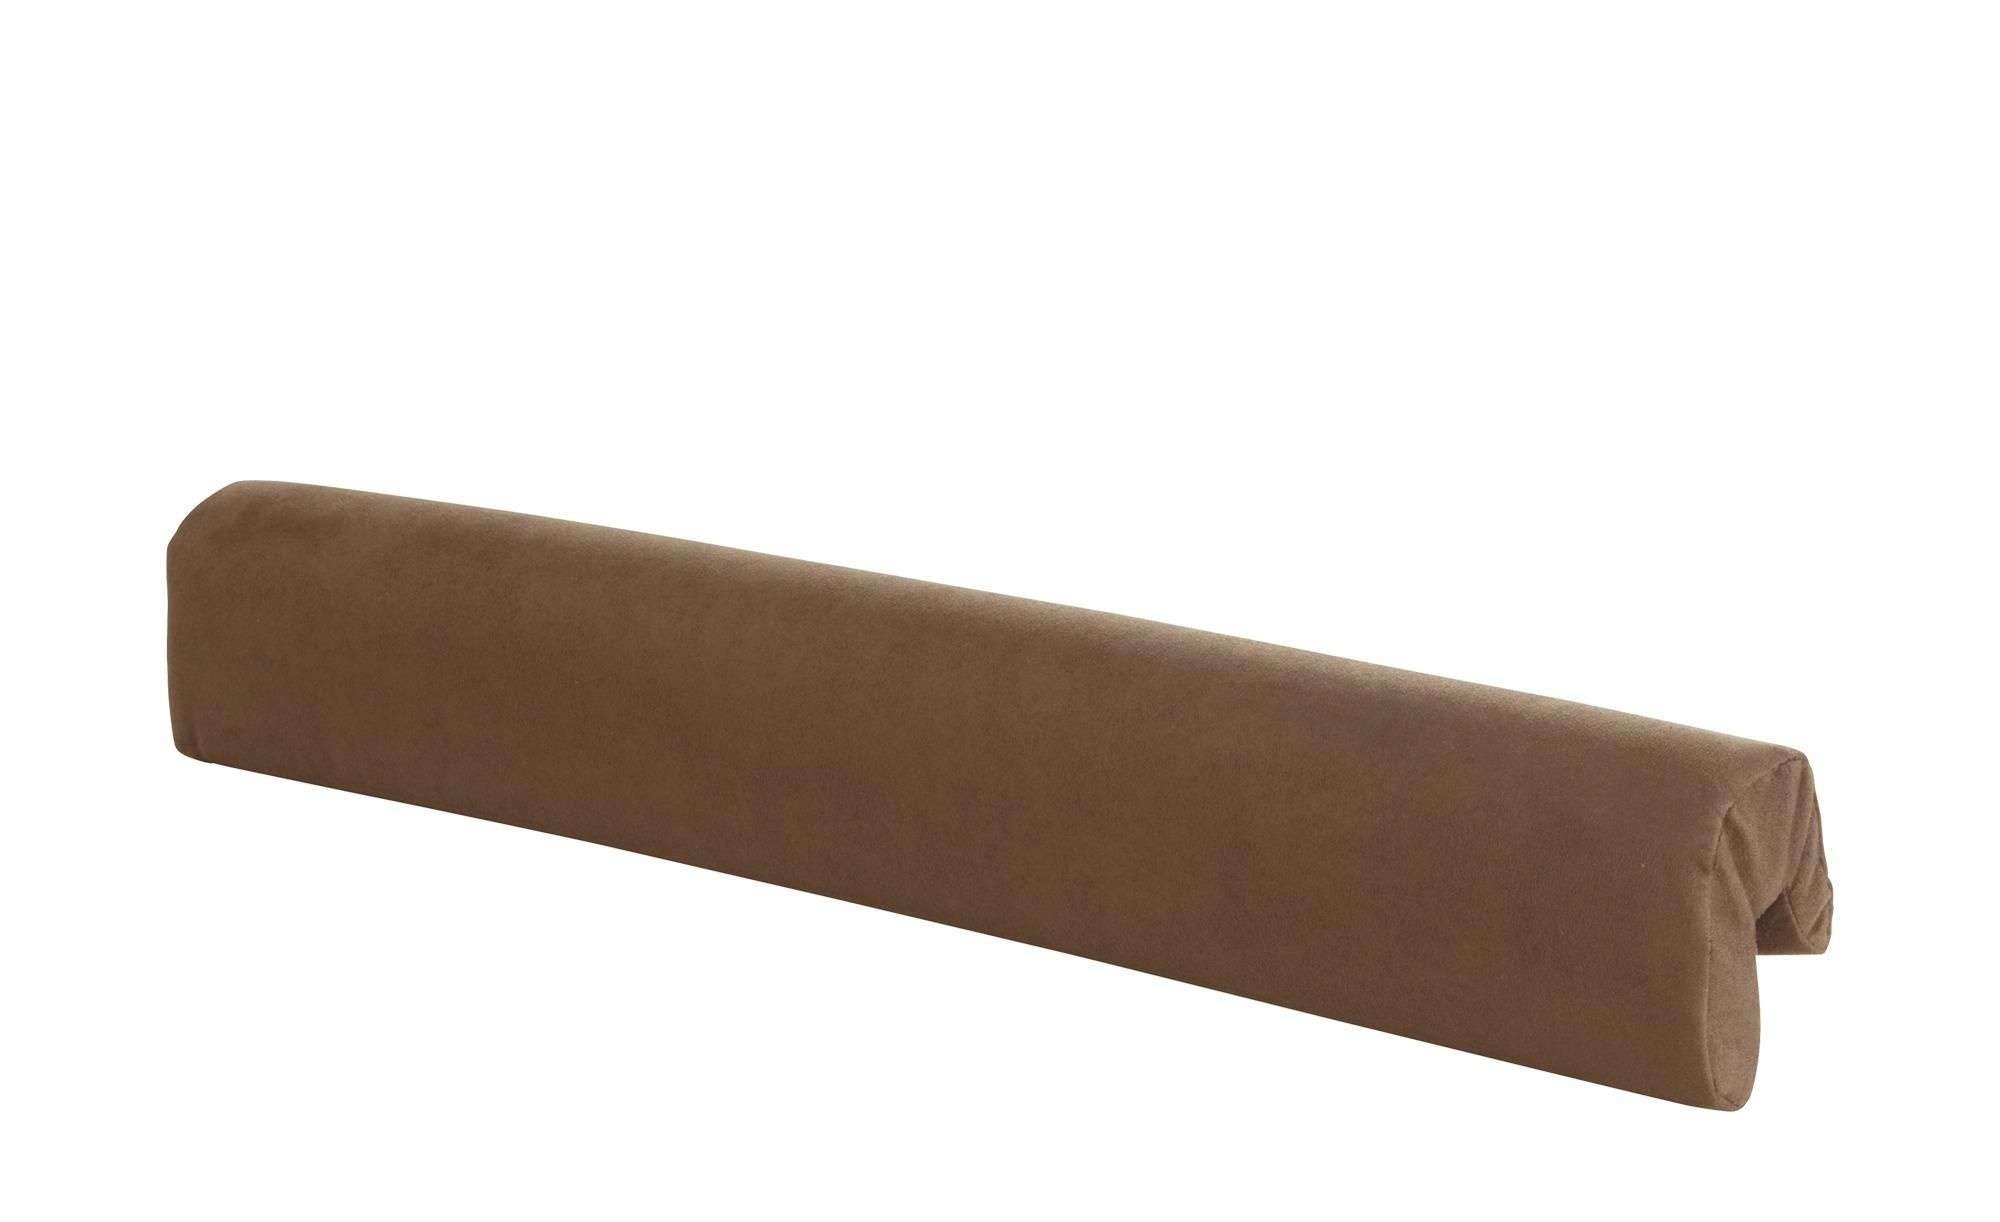 PAIDI Kopfschutz für Wickelkommode - mehrfarbig - 80 cm - Sonstiges Zubehör - Möbel Kraft | Kinderzimmer > Babymöbel > Wickelkommoden | PAIDI